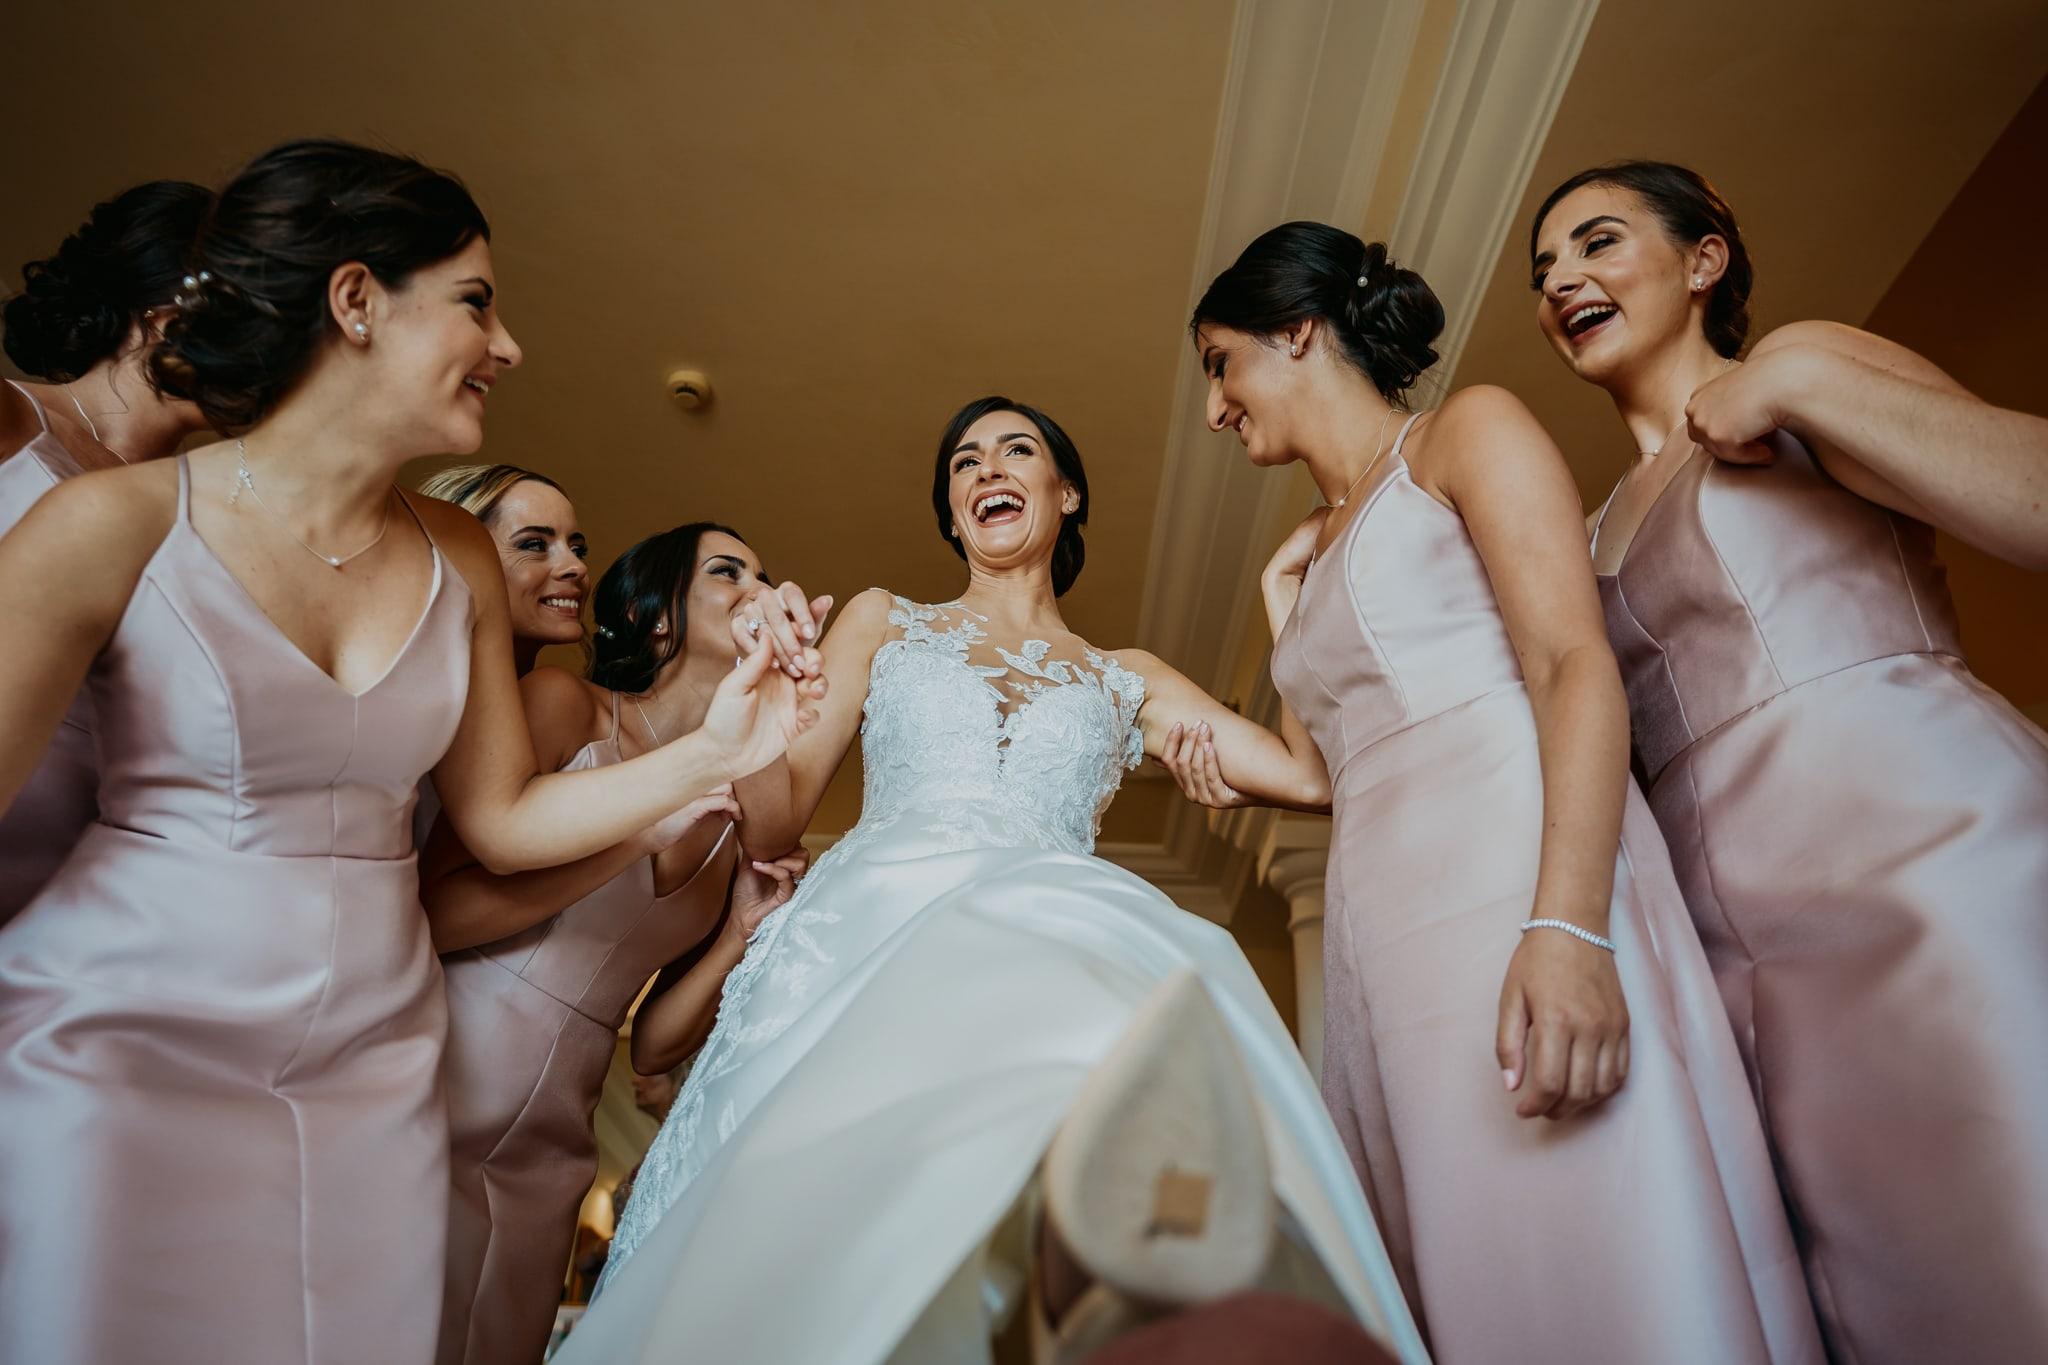 fotografi matrimonio roma, sposa che ride con damigelle durante la preparazione